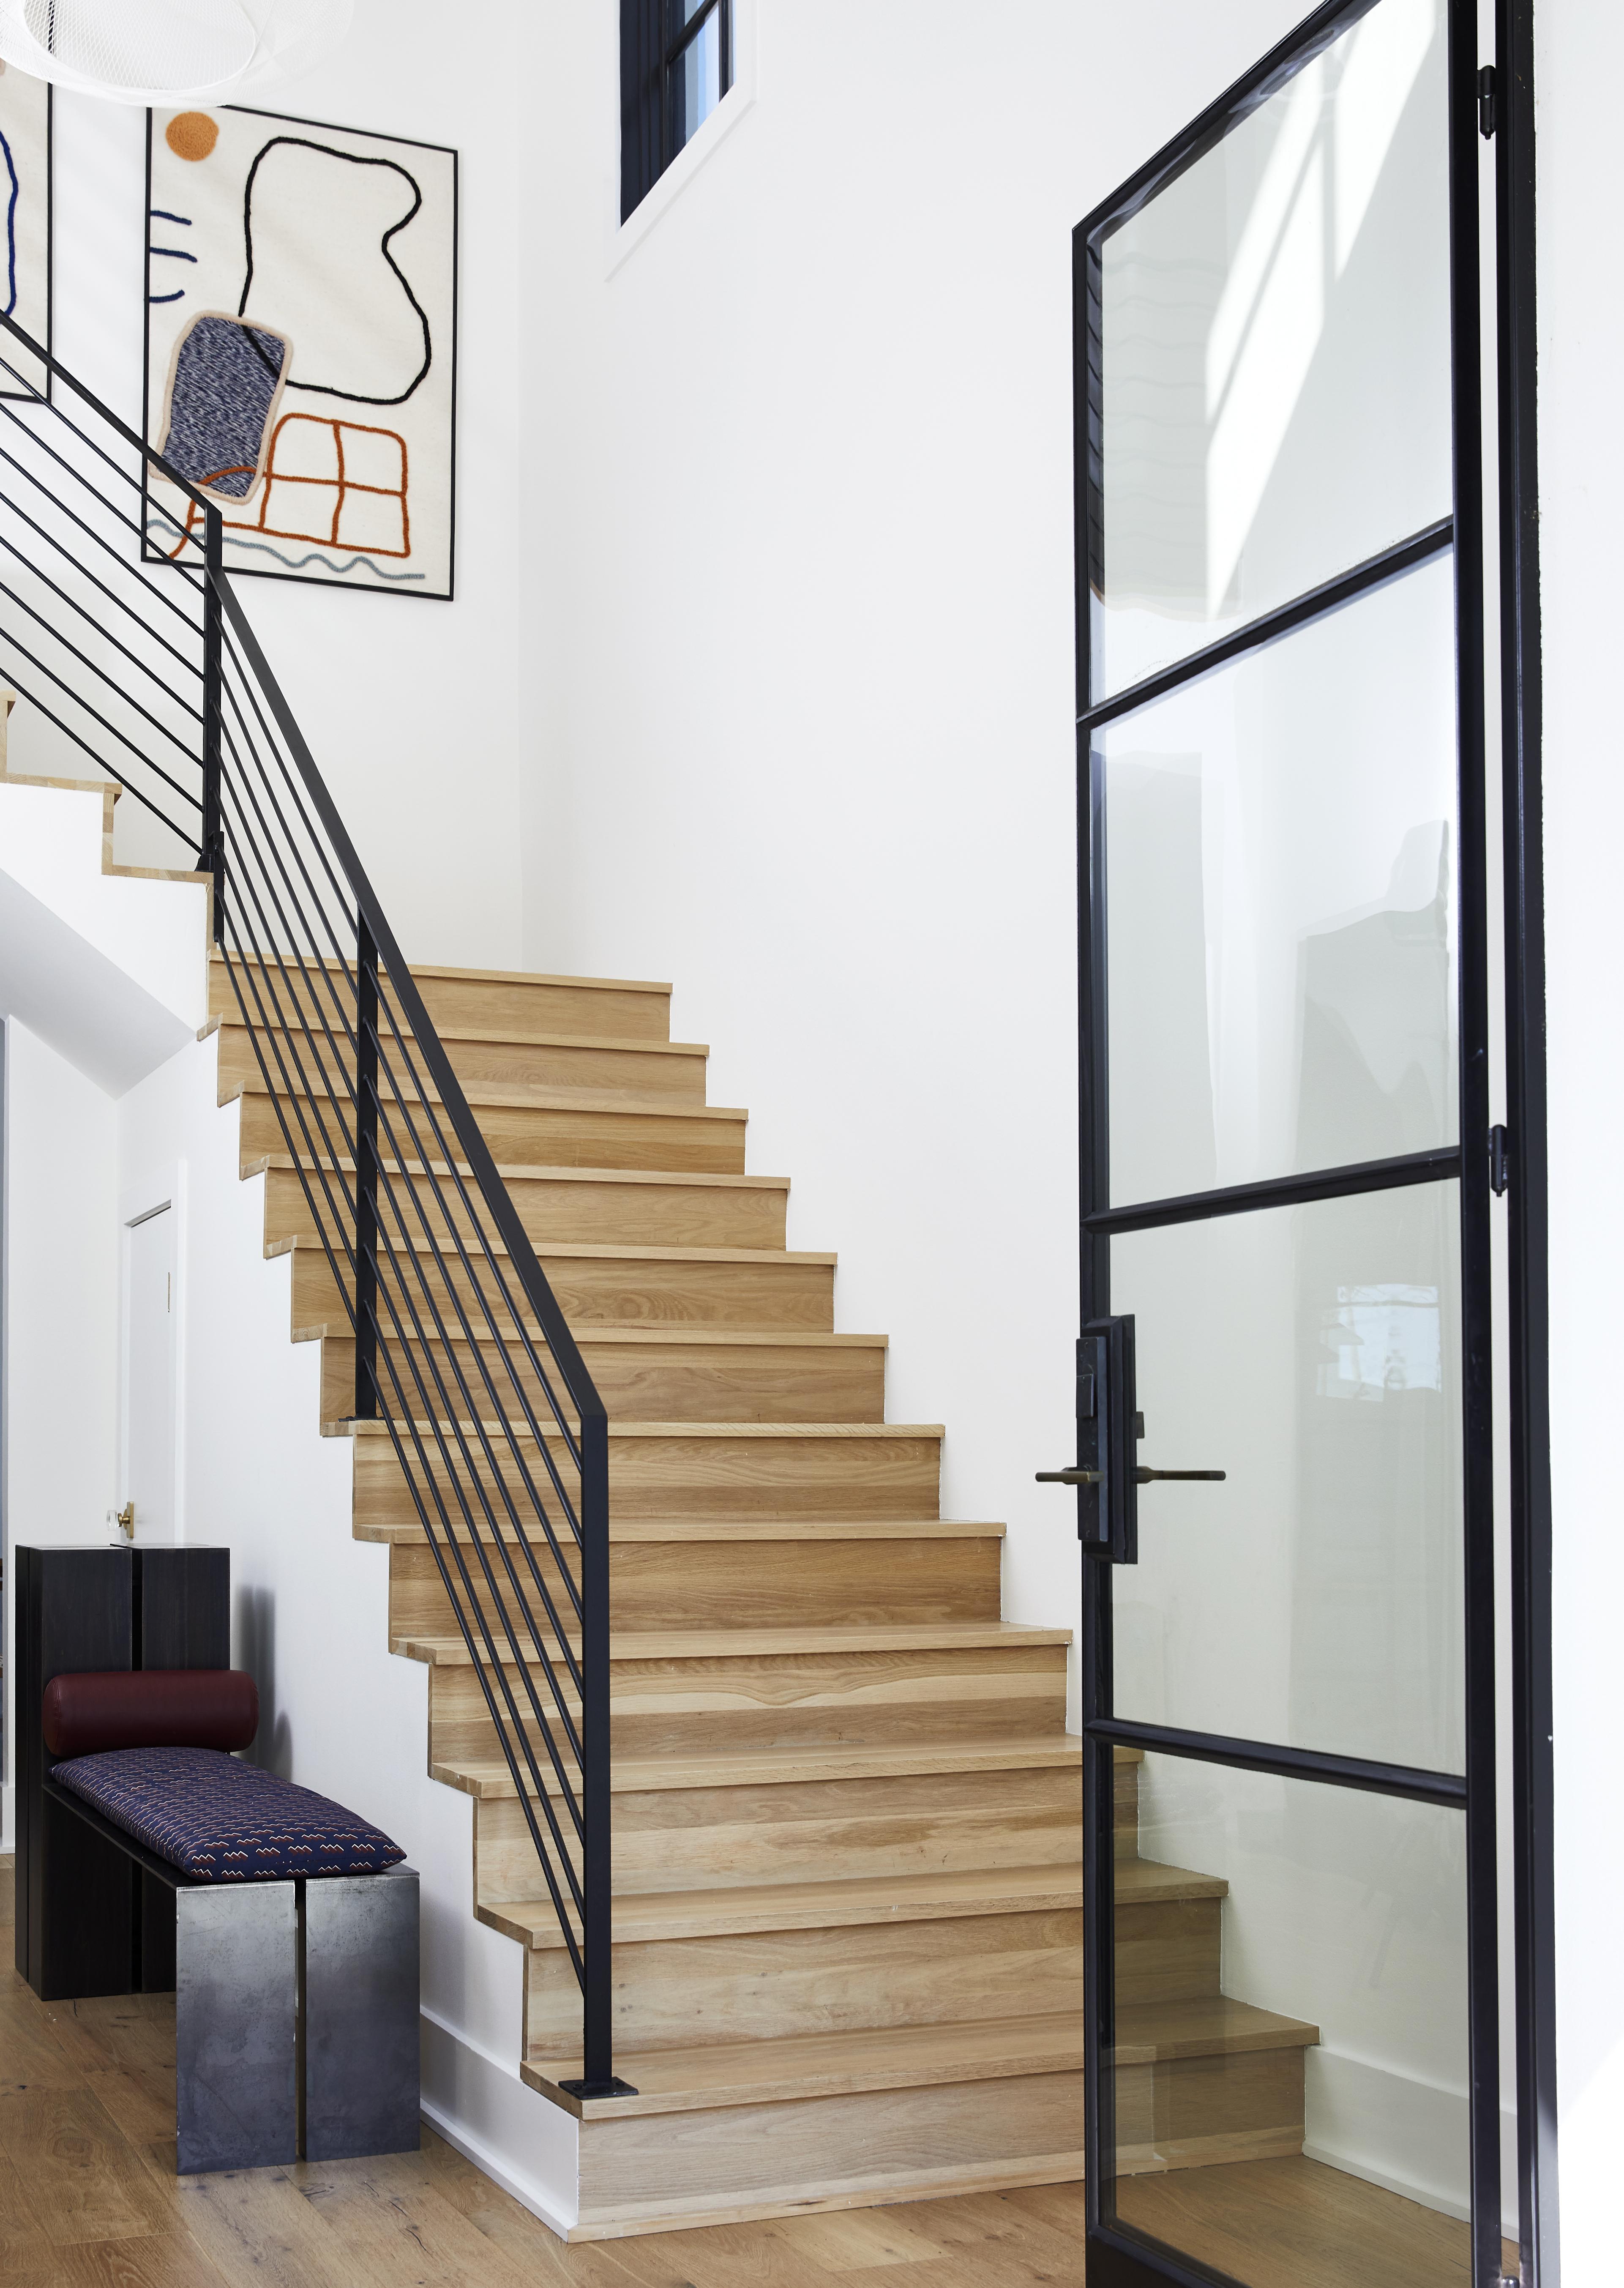 Entry, Storyteller, Home Design - Valerie Legras Atelier